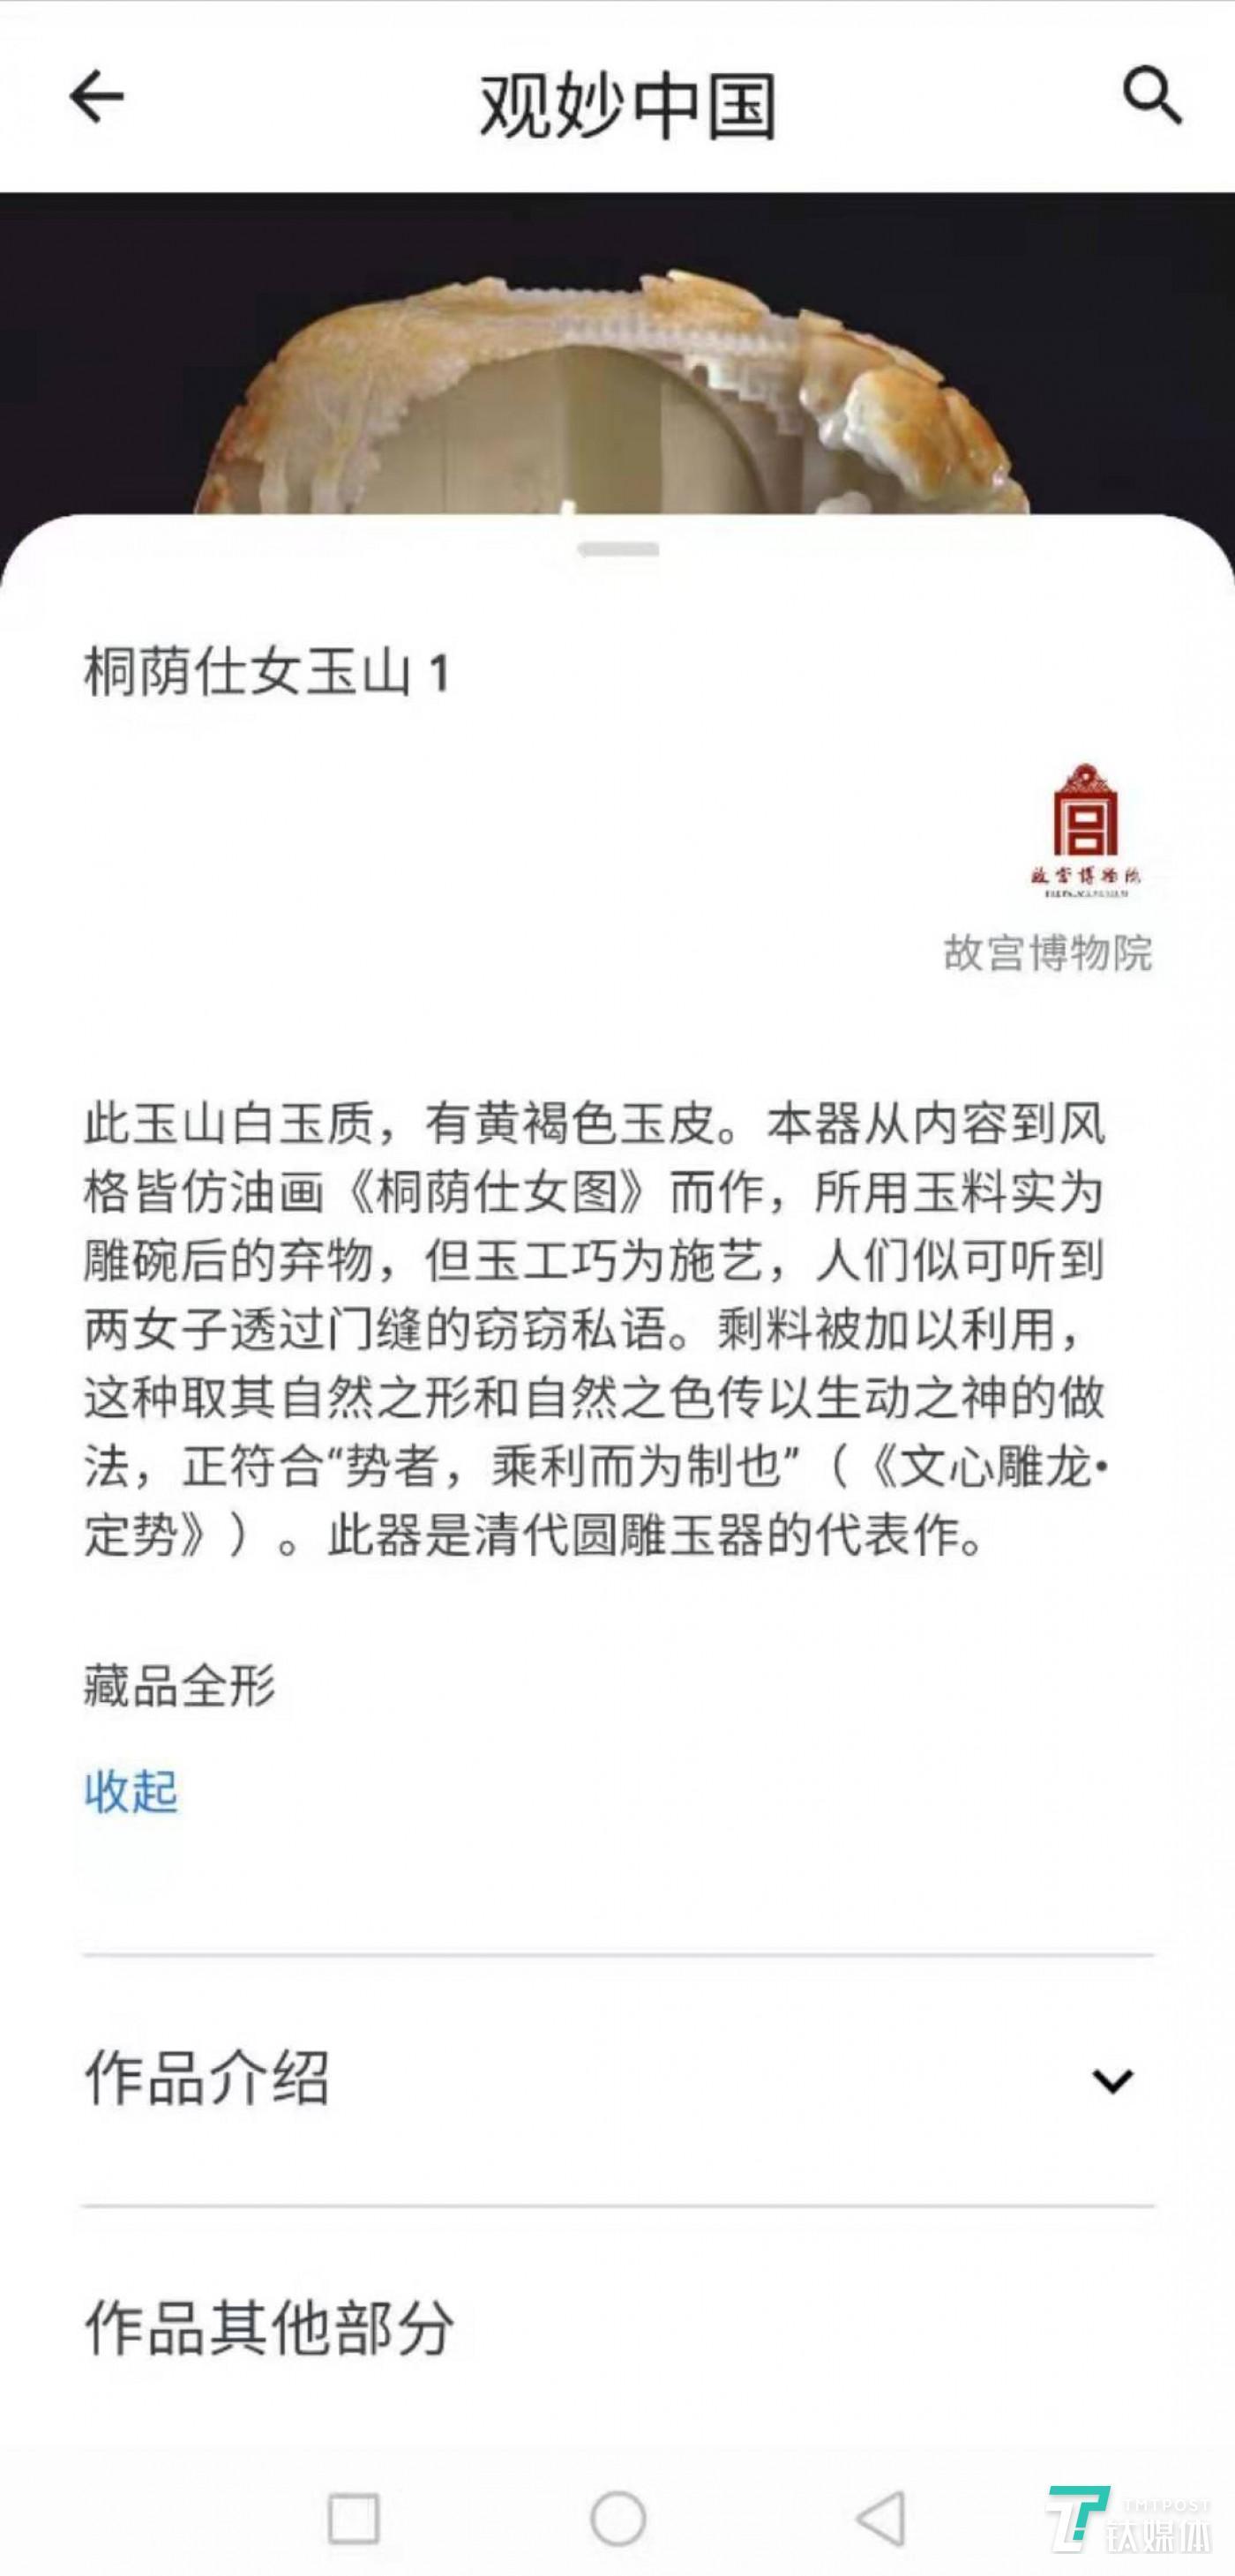 观妙中国App的介绍中并没有外链到官网的链接